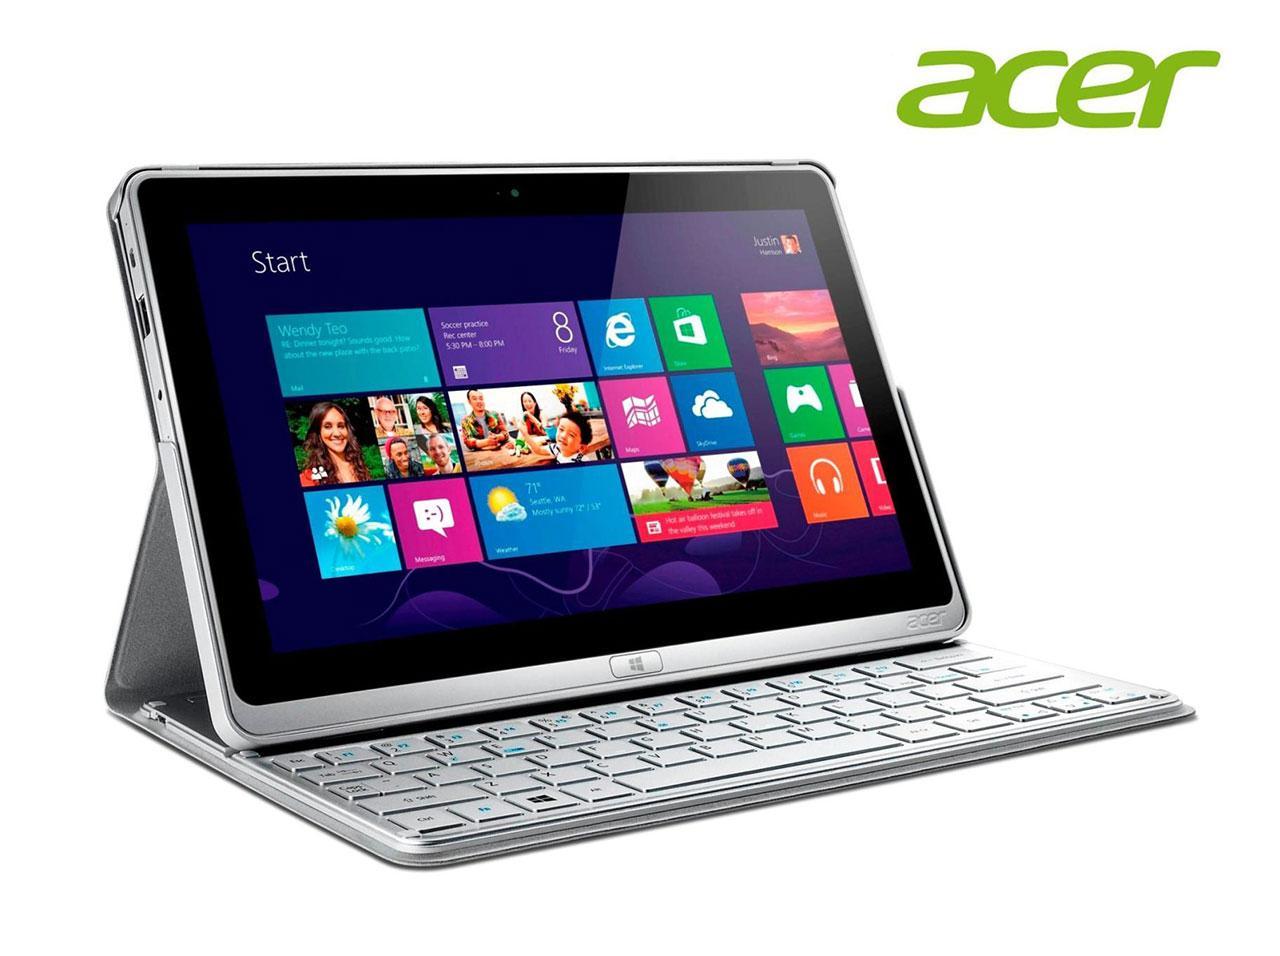 Acer ICONIA | P3